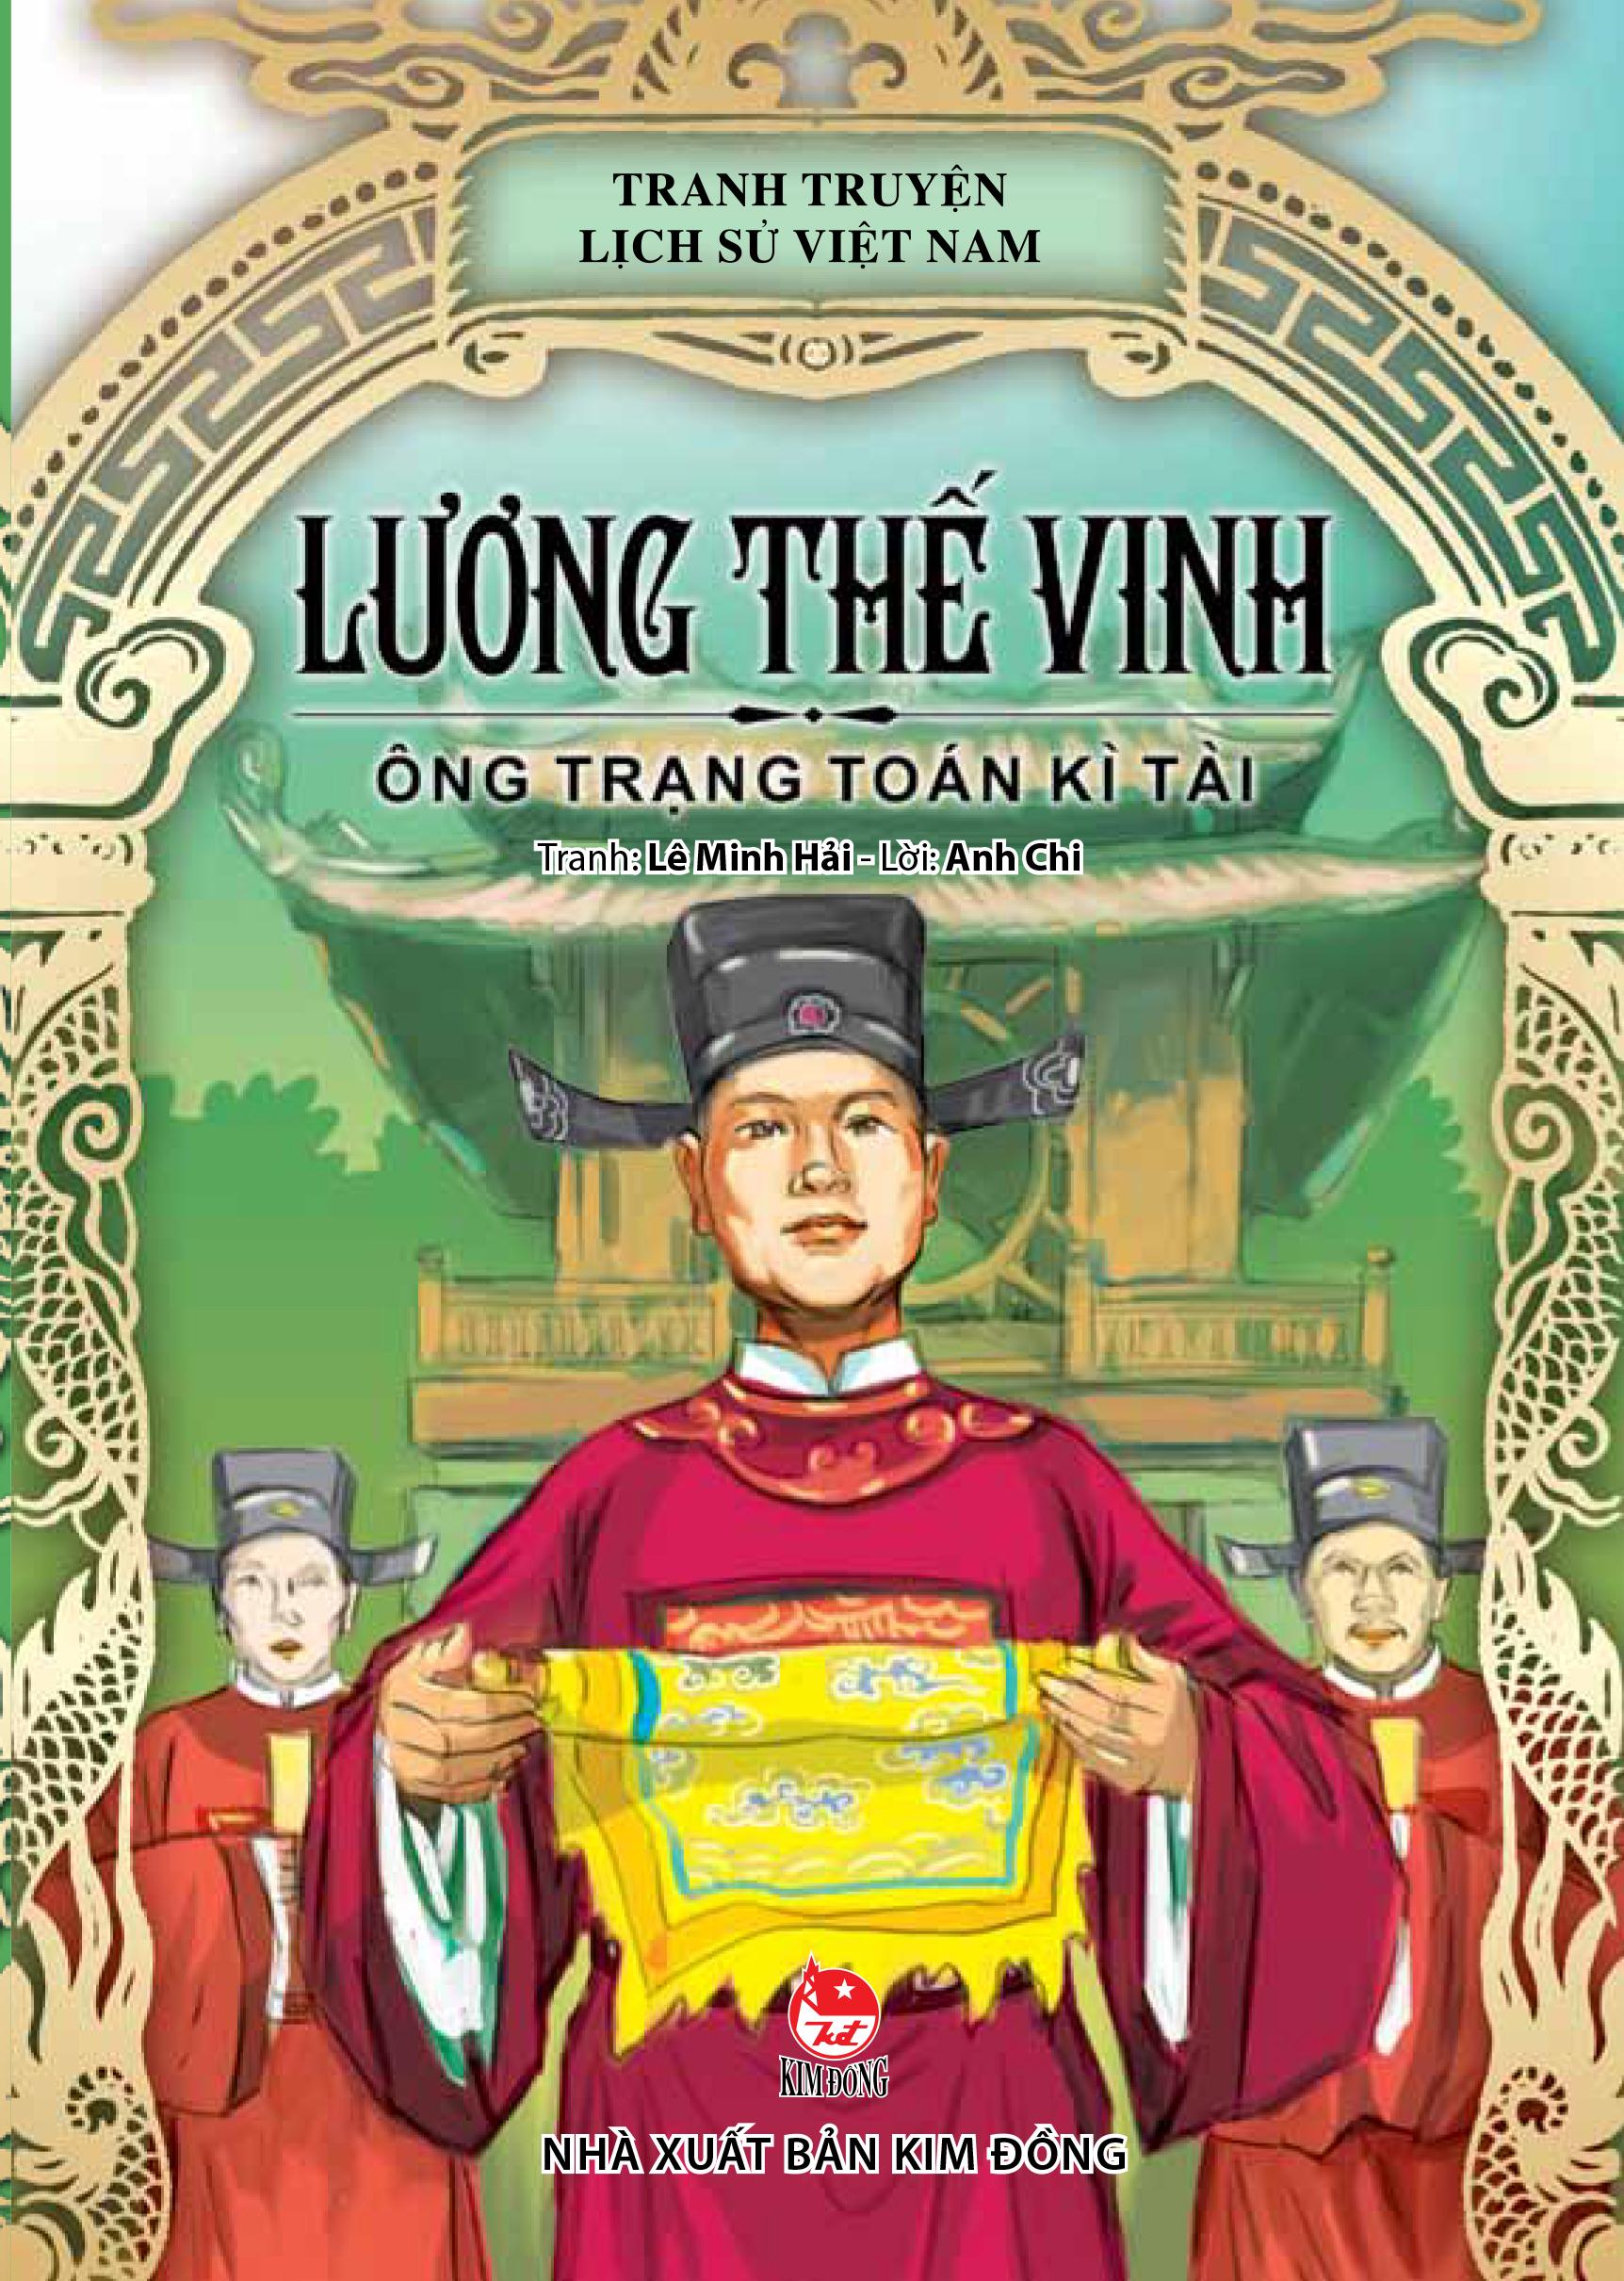 Bìa sách Truyện Tranh Lịch Sử Việt Nam - Lương Thế Vinh - Ông Trạng Toán Kì Tài